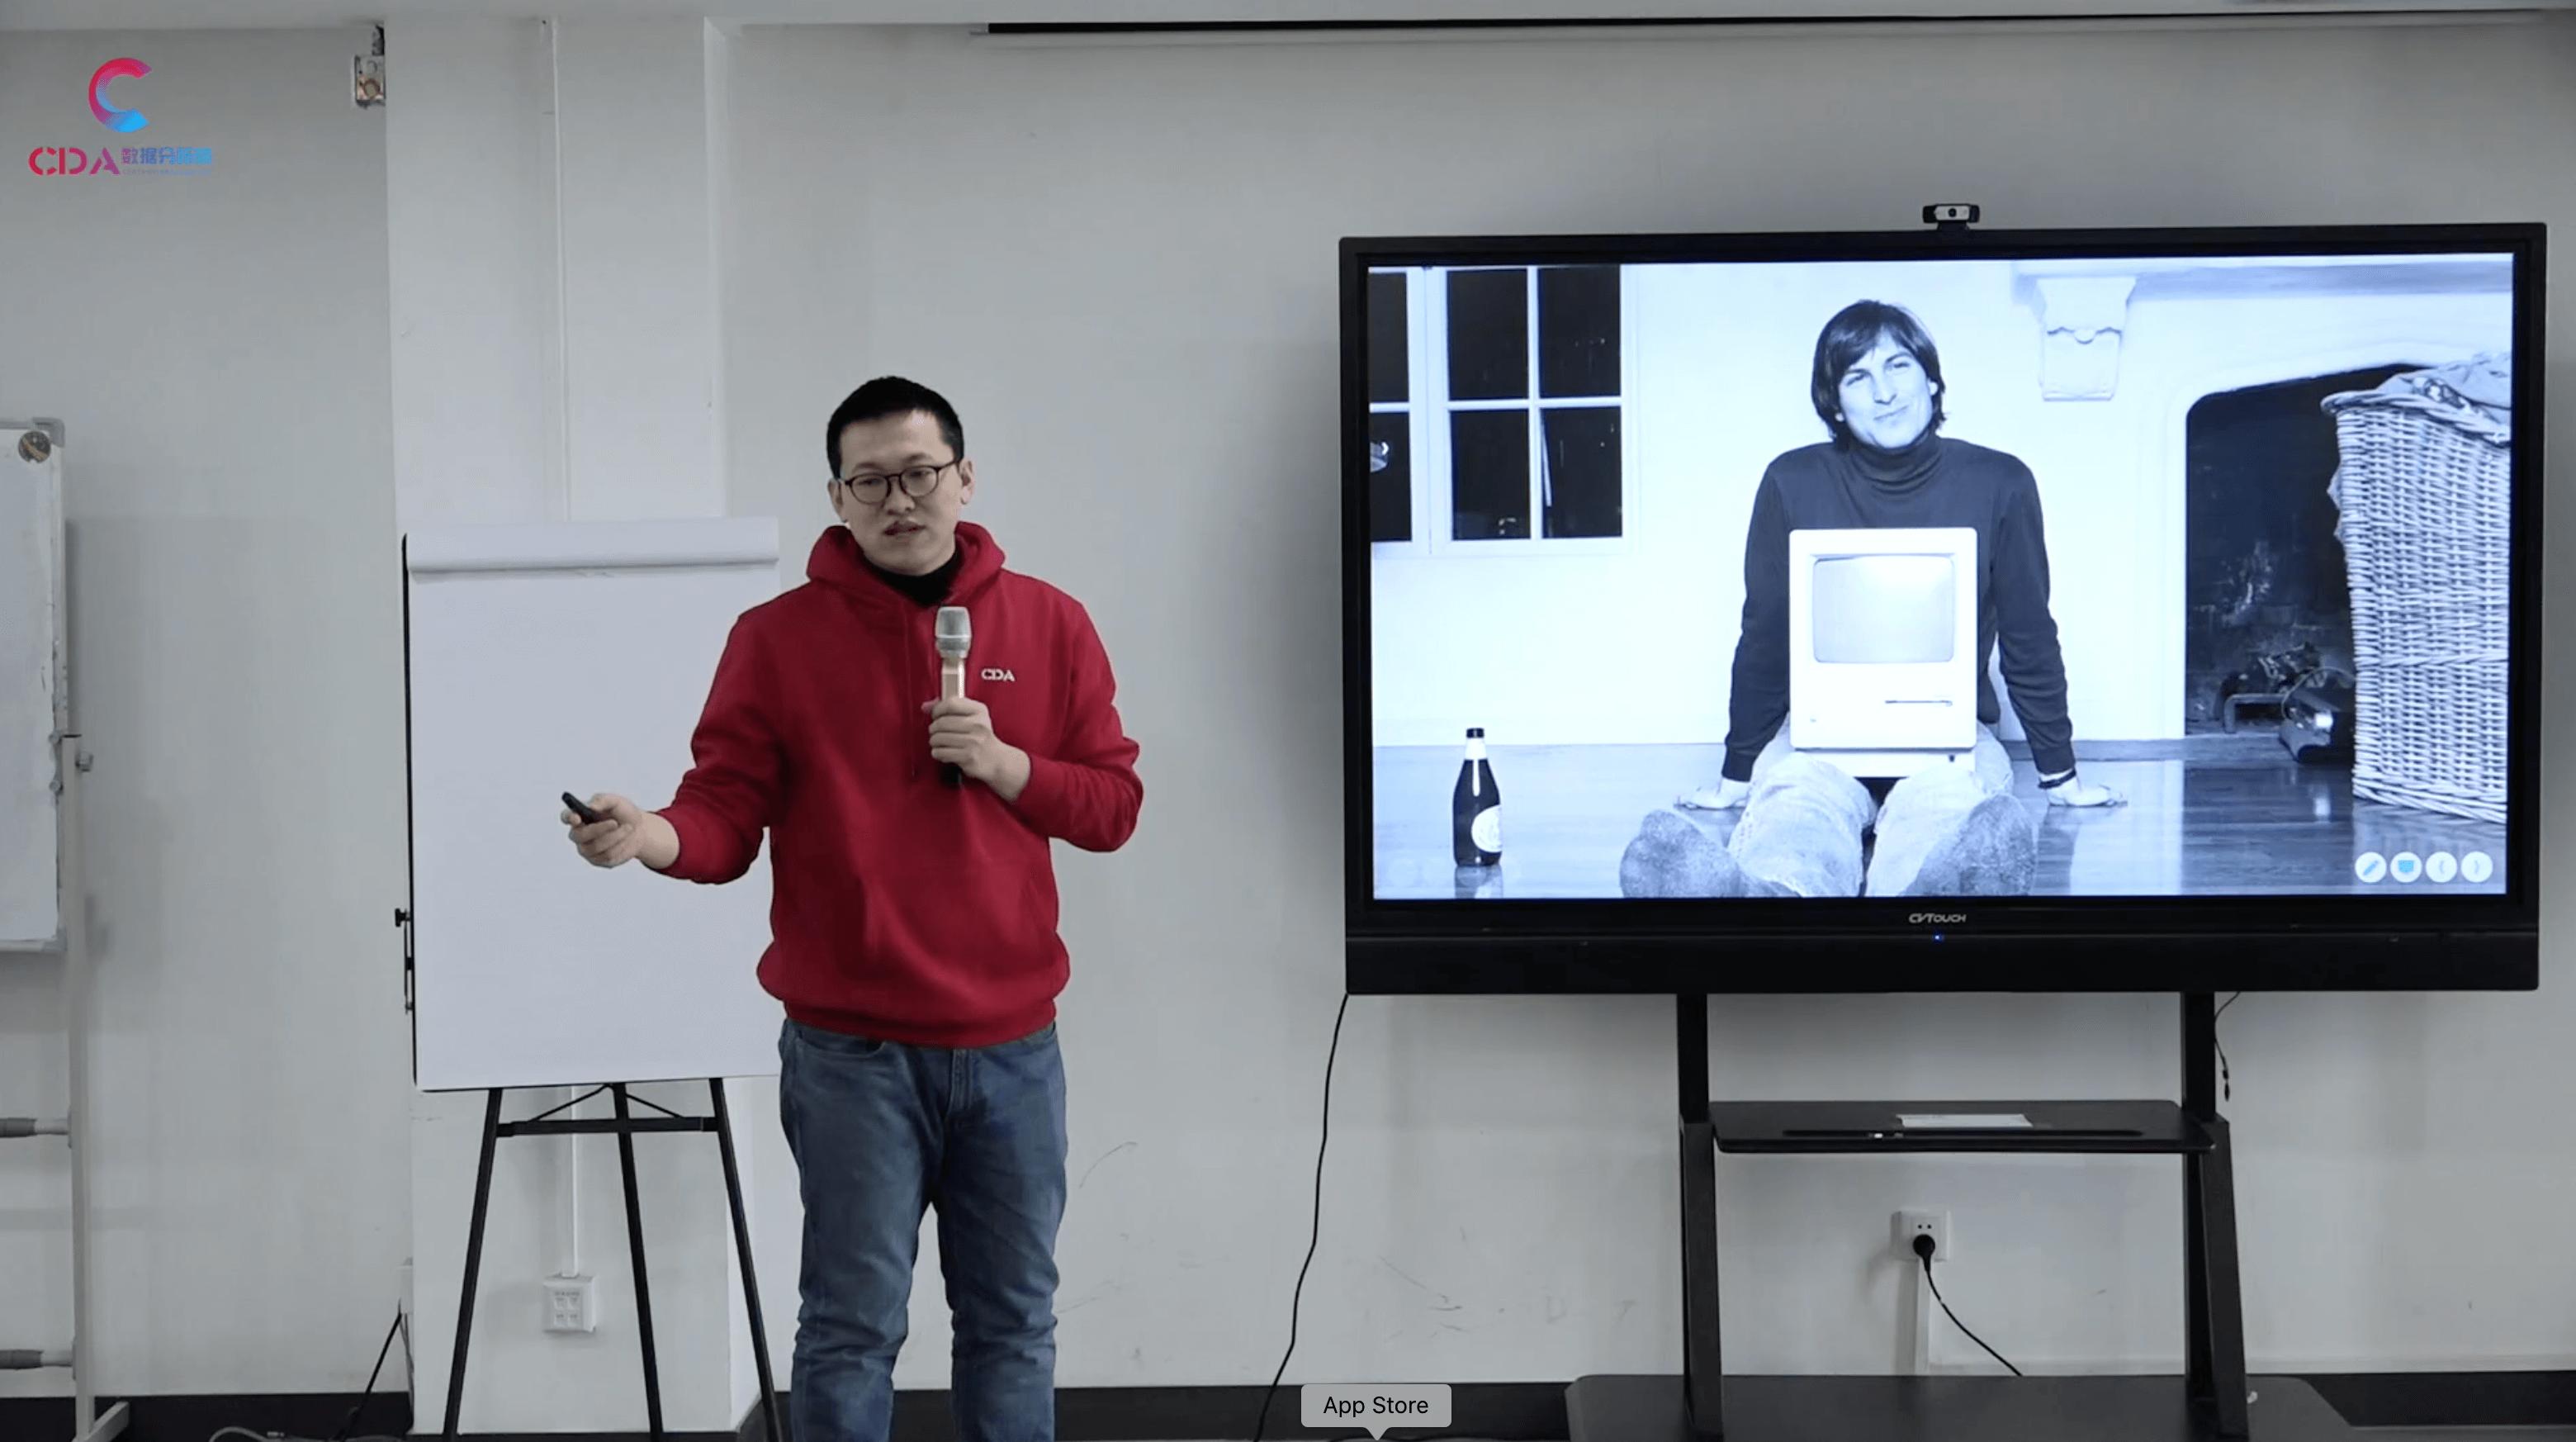 CDA公开课  《 解读独角兽公司人工智能算法及数据驱动增长》北京完美落幕